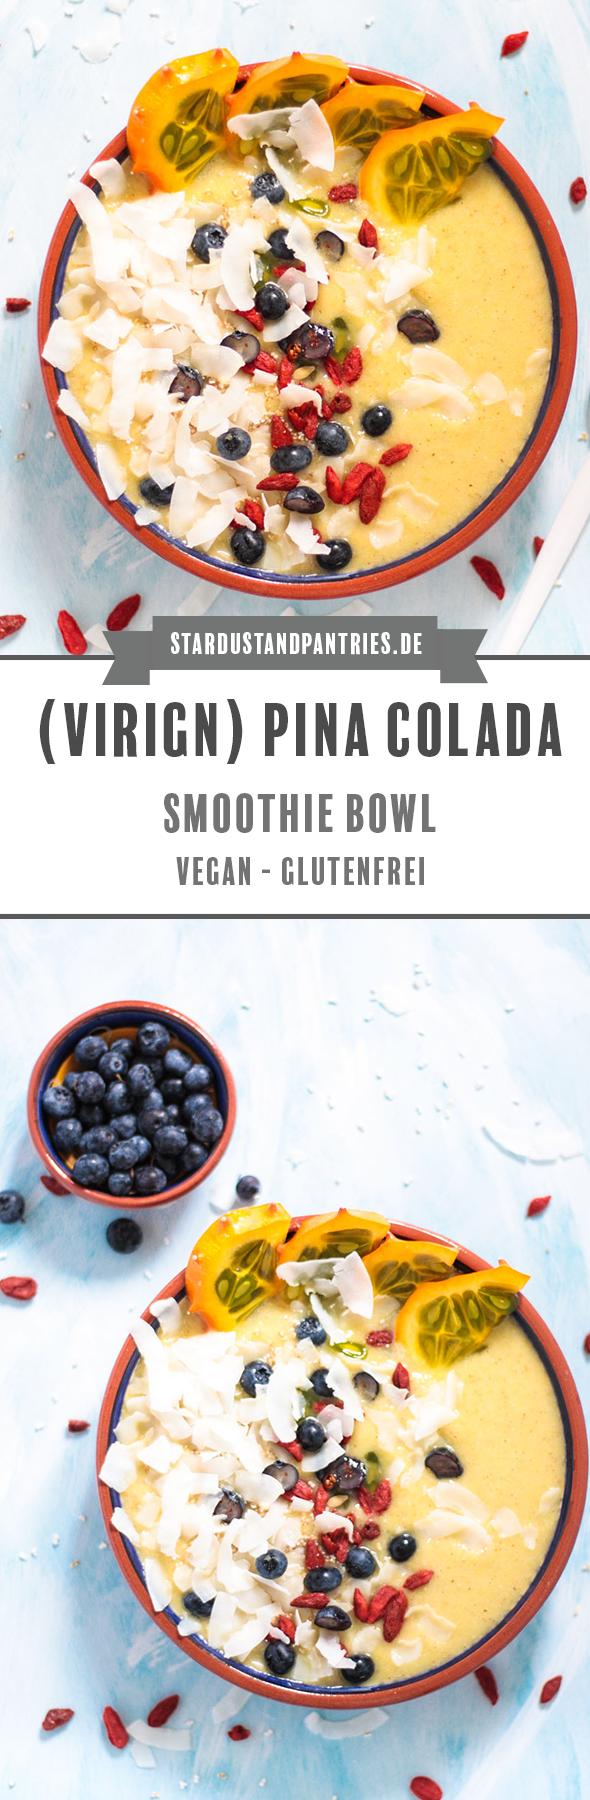 Vegane tropische Smoothie Bowl mit Ananas, Gurke und Kokosnusswasser oder wie ich sie nenne: Pina Colada Smoothie Bowl. So zauberst du dir ein farbenfrohes Frühstück mit Sommer Feeling und startest voller Vitamine und Mineralstoffe in den Tag! #Smoothiebowl #Smoothie #Bowl #vegan #Pinacolada